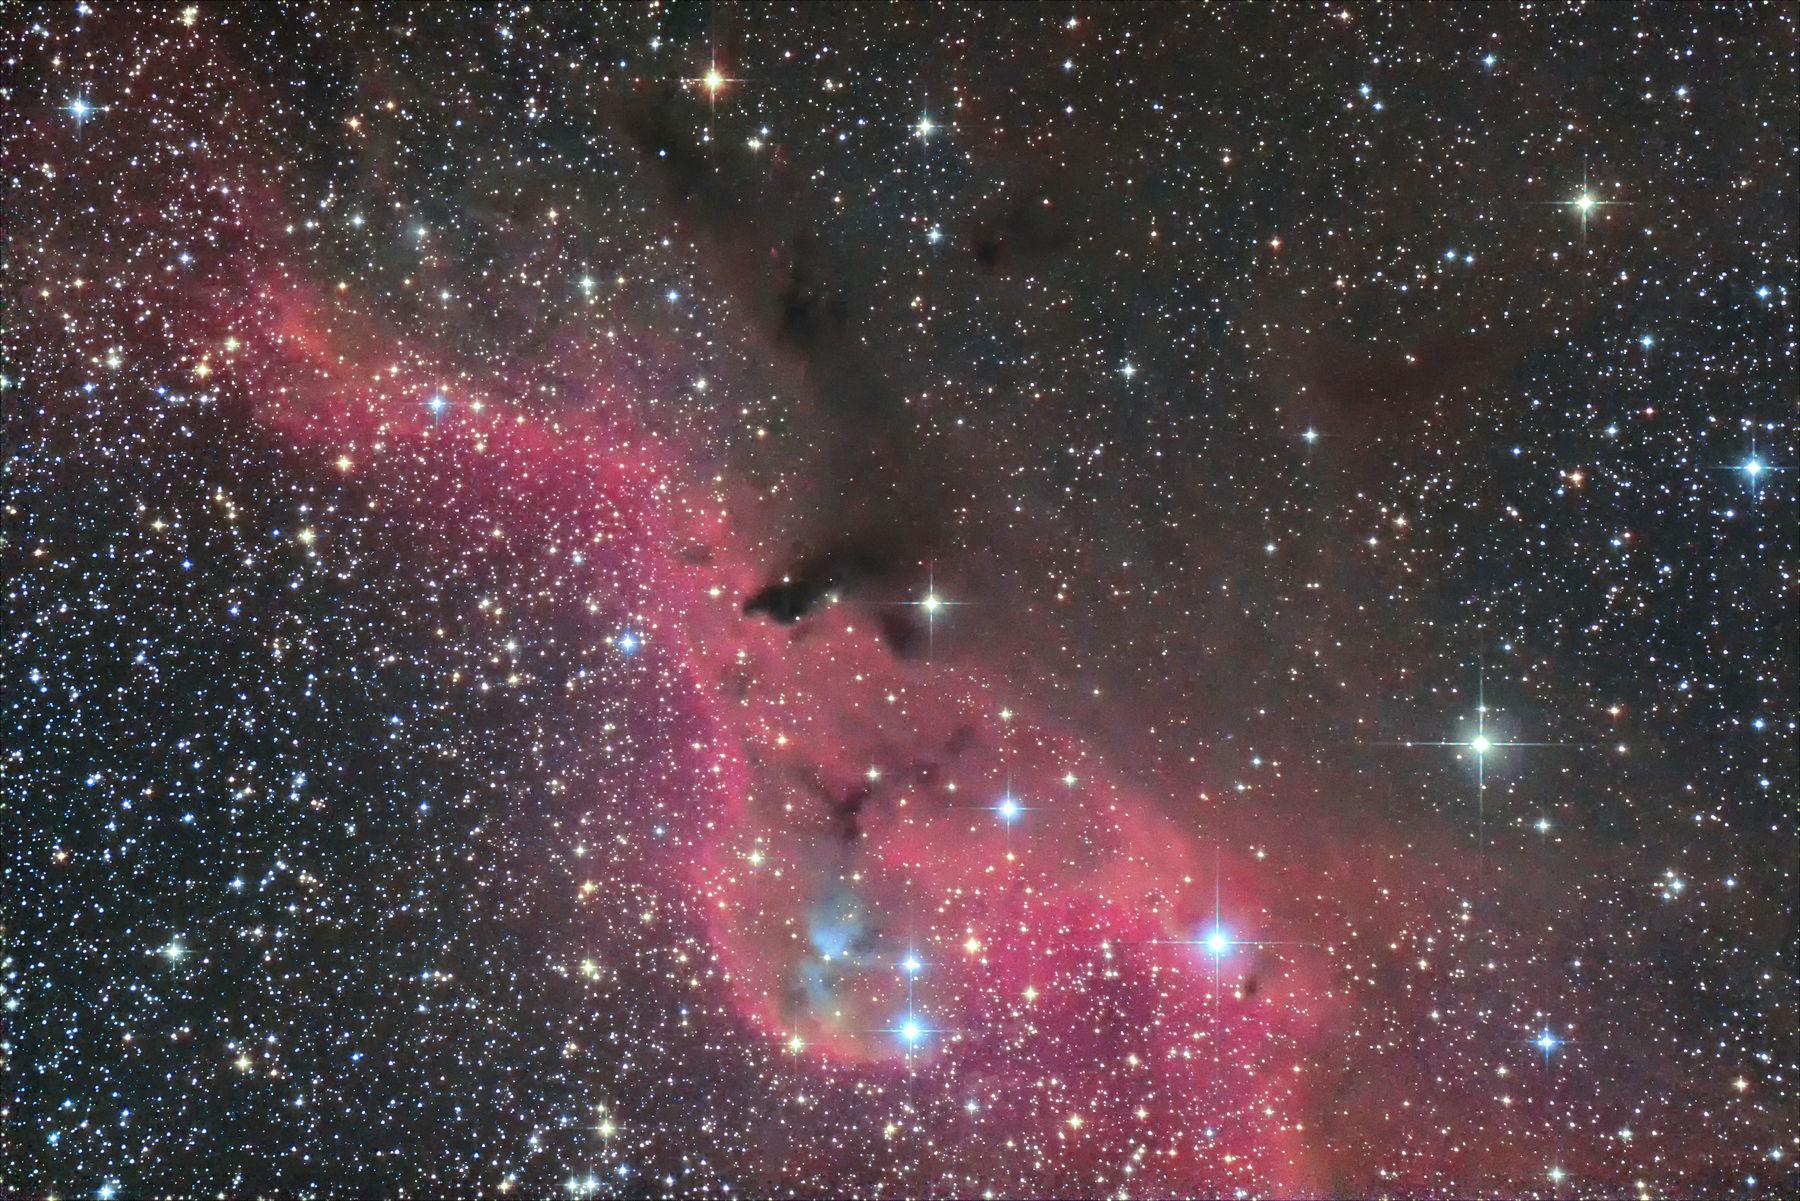 【星雲】Sh2-264 エンゼルフィッシュ・・の背びれ(。-∀-。)